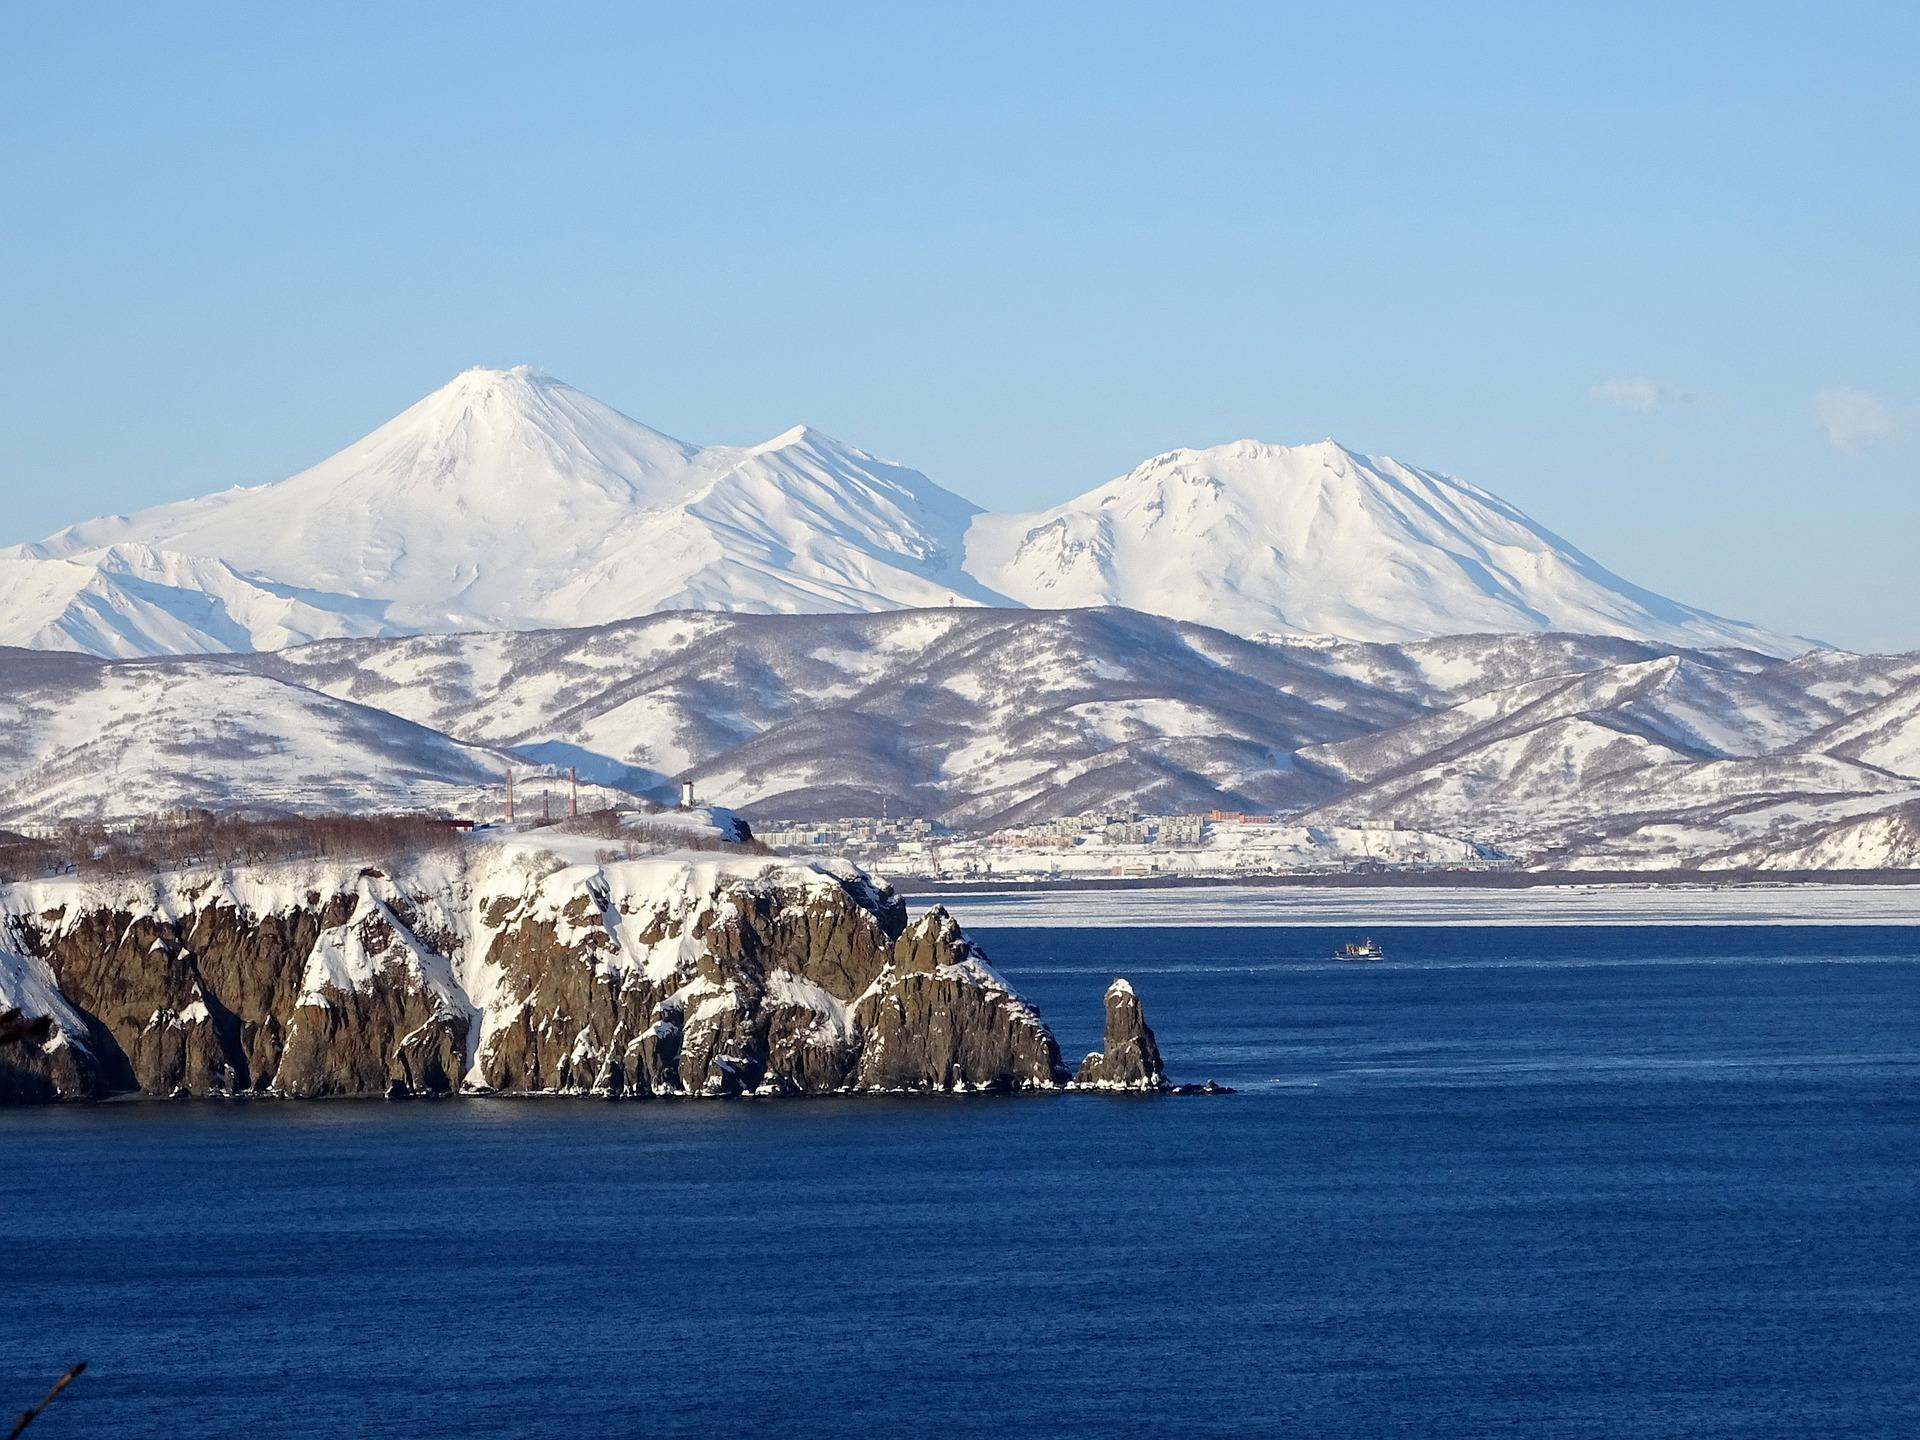 Ученые СВФУ совместно с китайскими коллегами будут исследовать Арктику